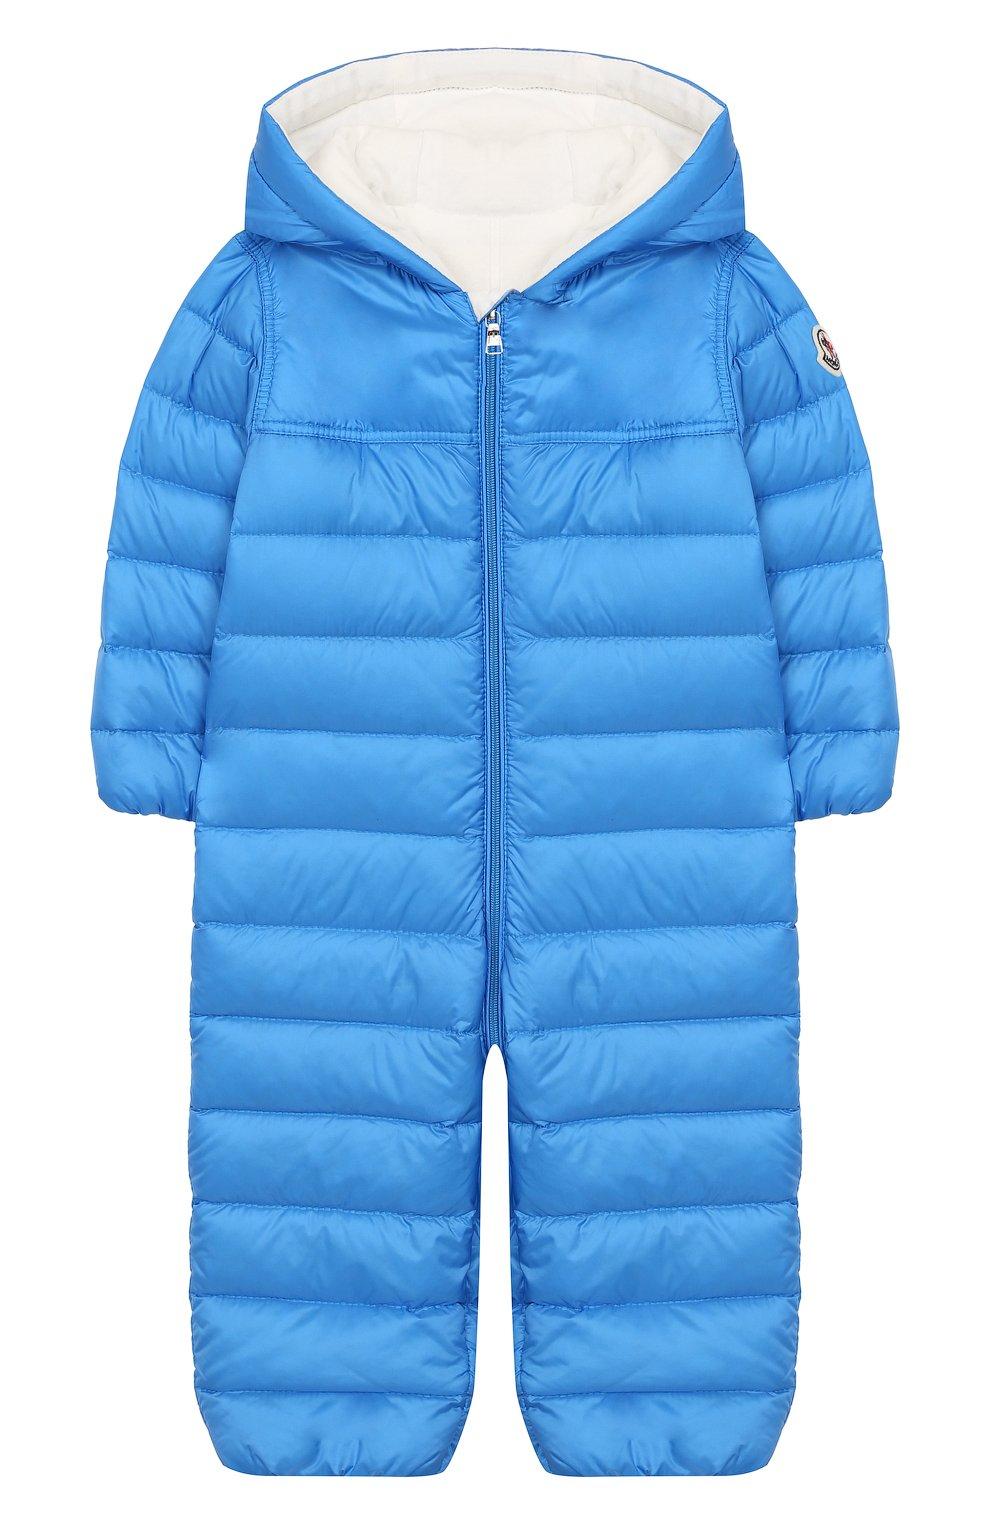 Детский пуховый комбинезон MONCLER ENFANT голубого цвета, арт. E1-951-14366-05-53048/18M-3A | Фото 1